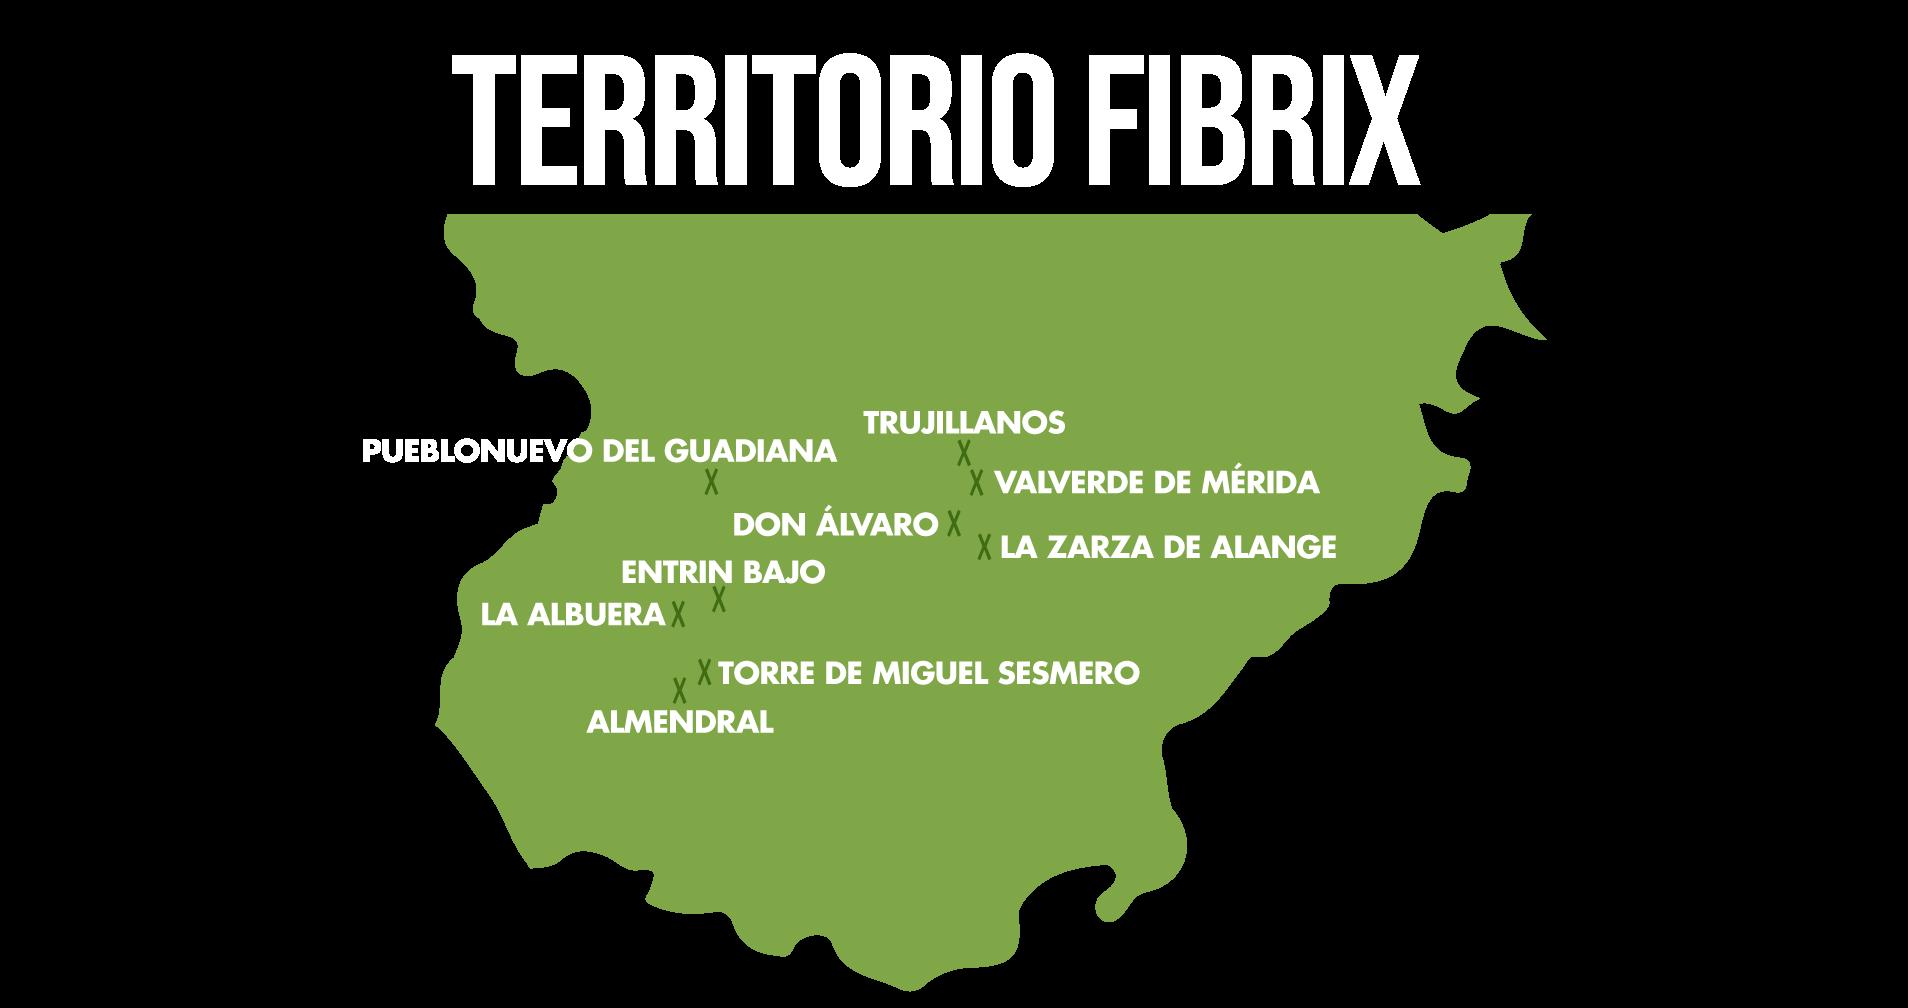 TERRITORIOFIBRIX2